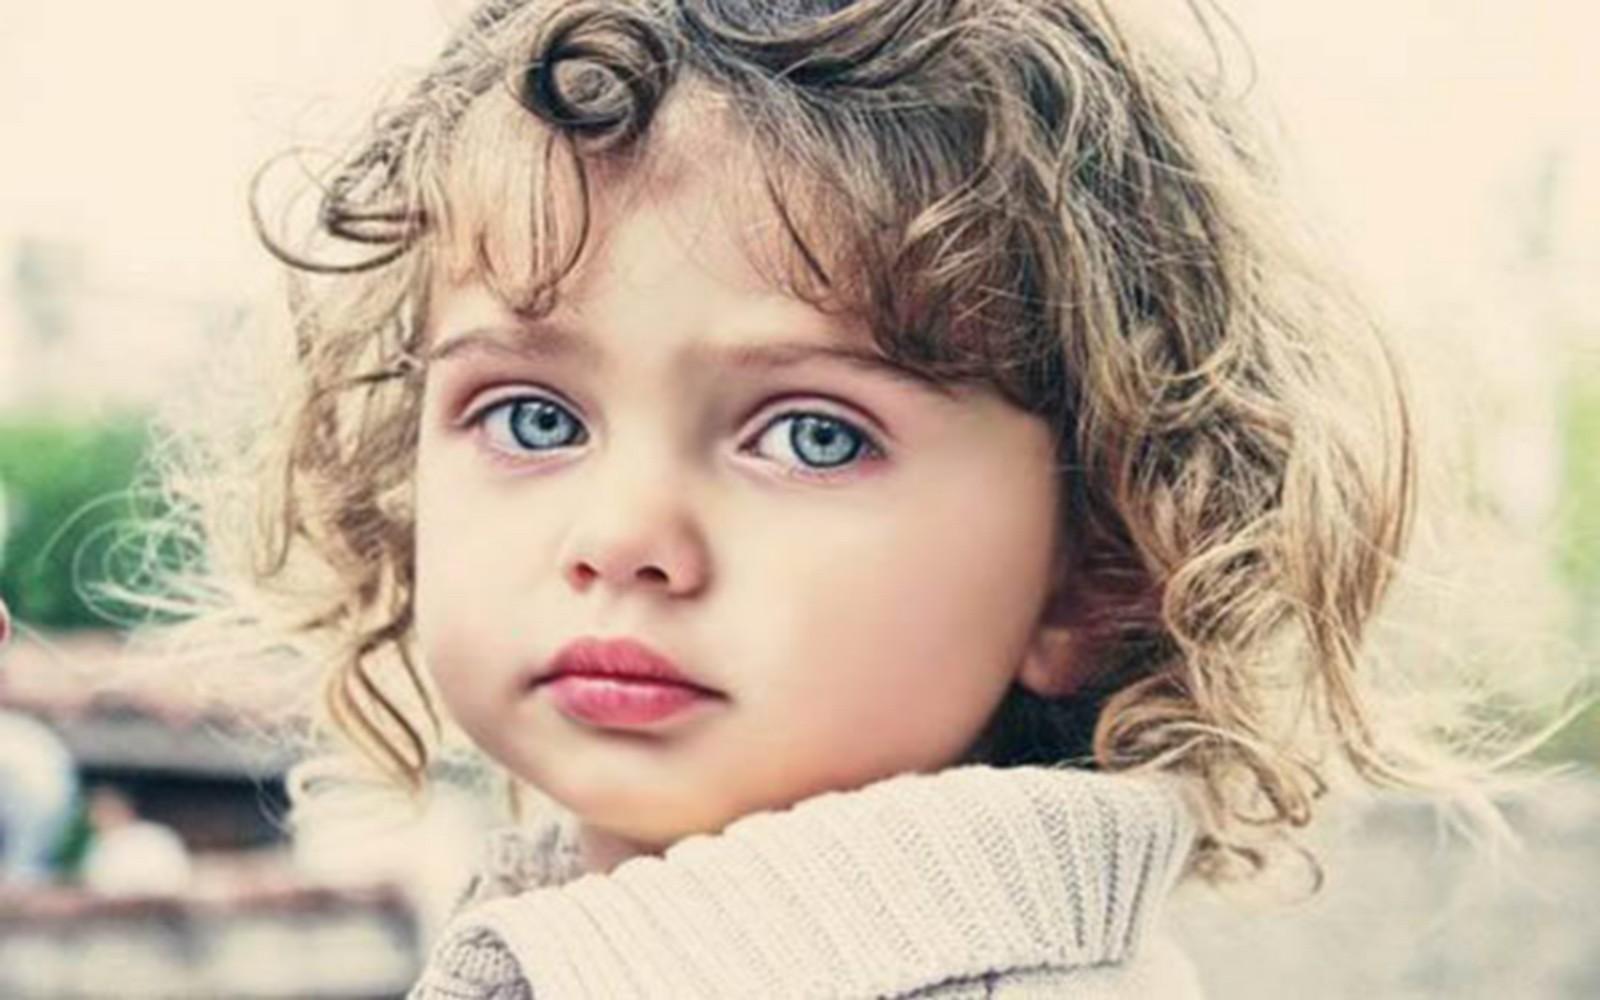 بالصور اجمل صور اطفال بنات , الطف صور اطفال بنات 5297 2